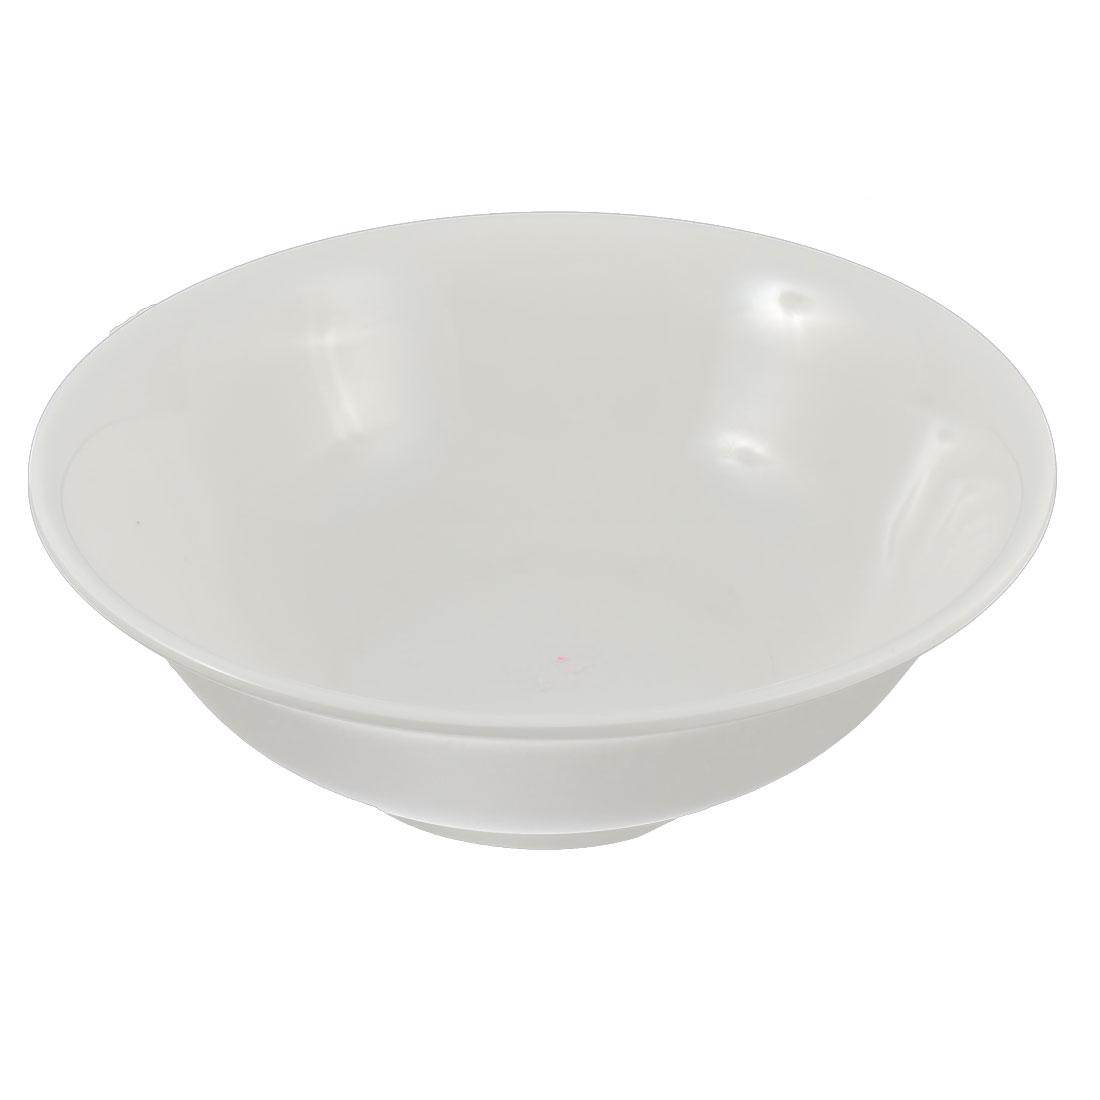 Household Kitchen Plastic Soup Porridge Food Noodle Rice Bowl White 20cm Dia